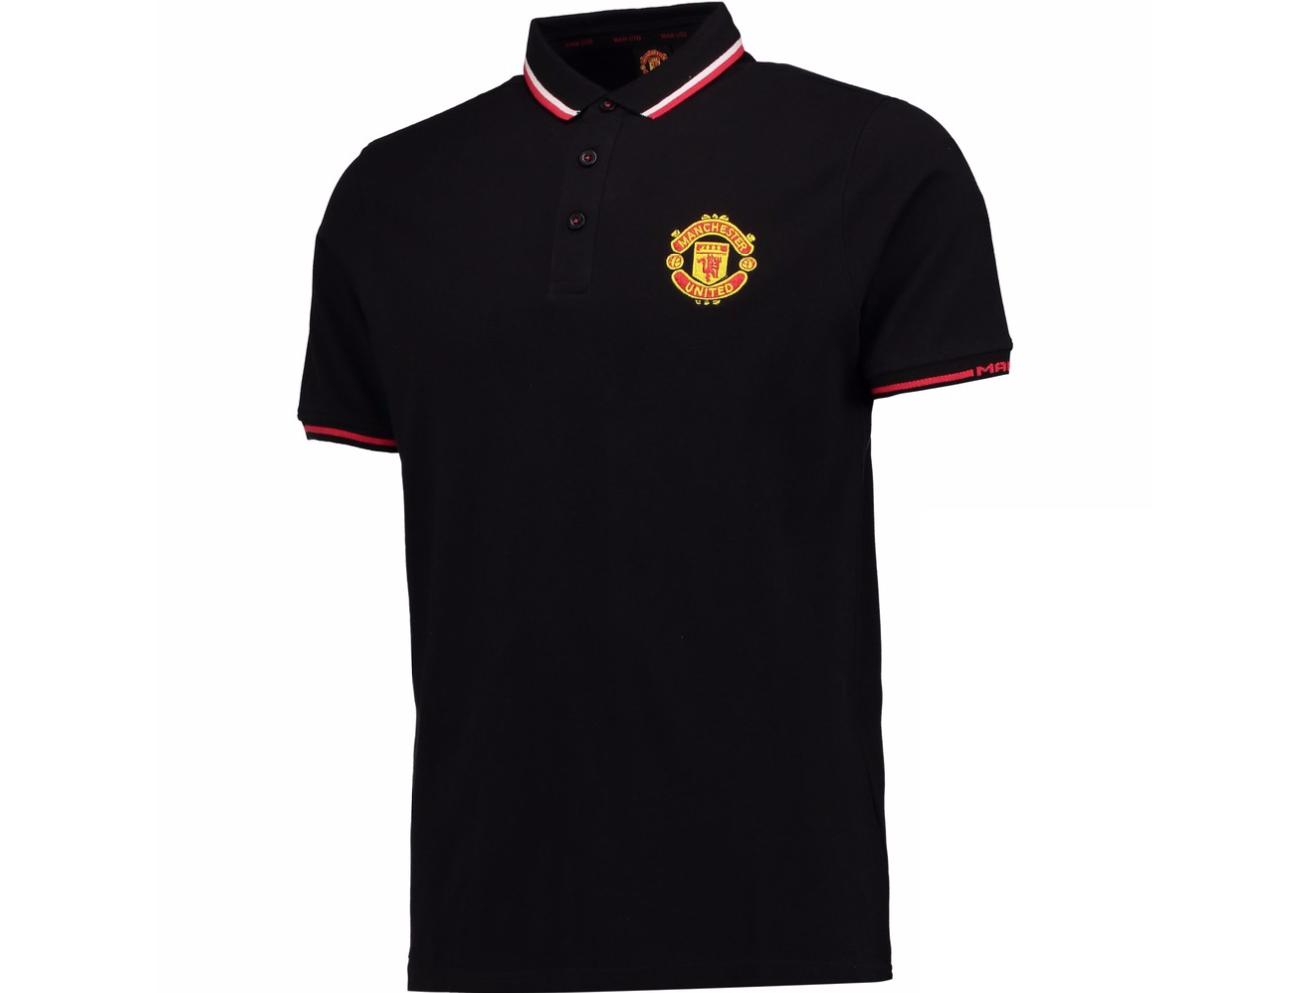 เสื้อโปโลแมนเชสเตอร์ ยูไนเต็ด Core Polo Shirt - Black ของแท้